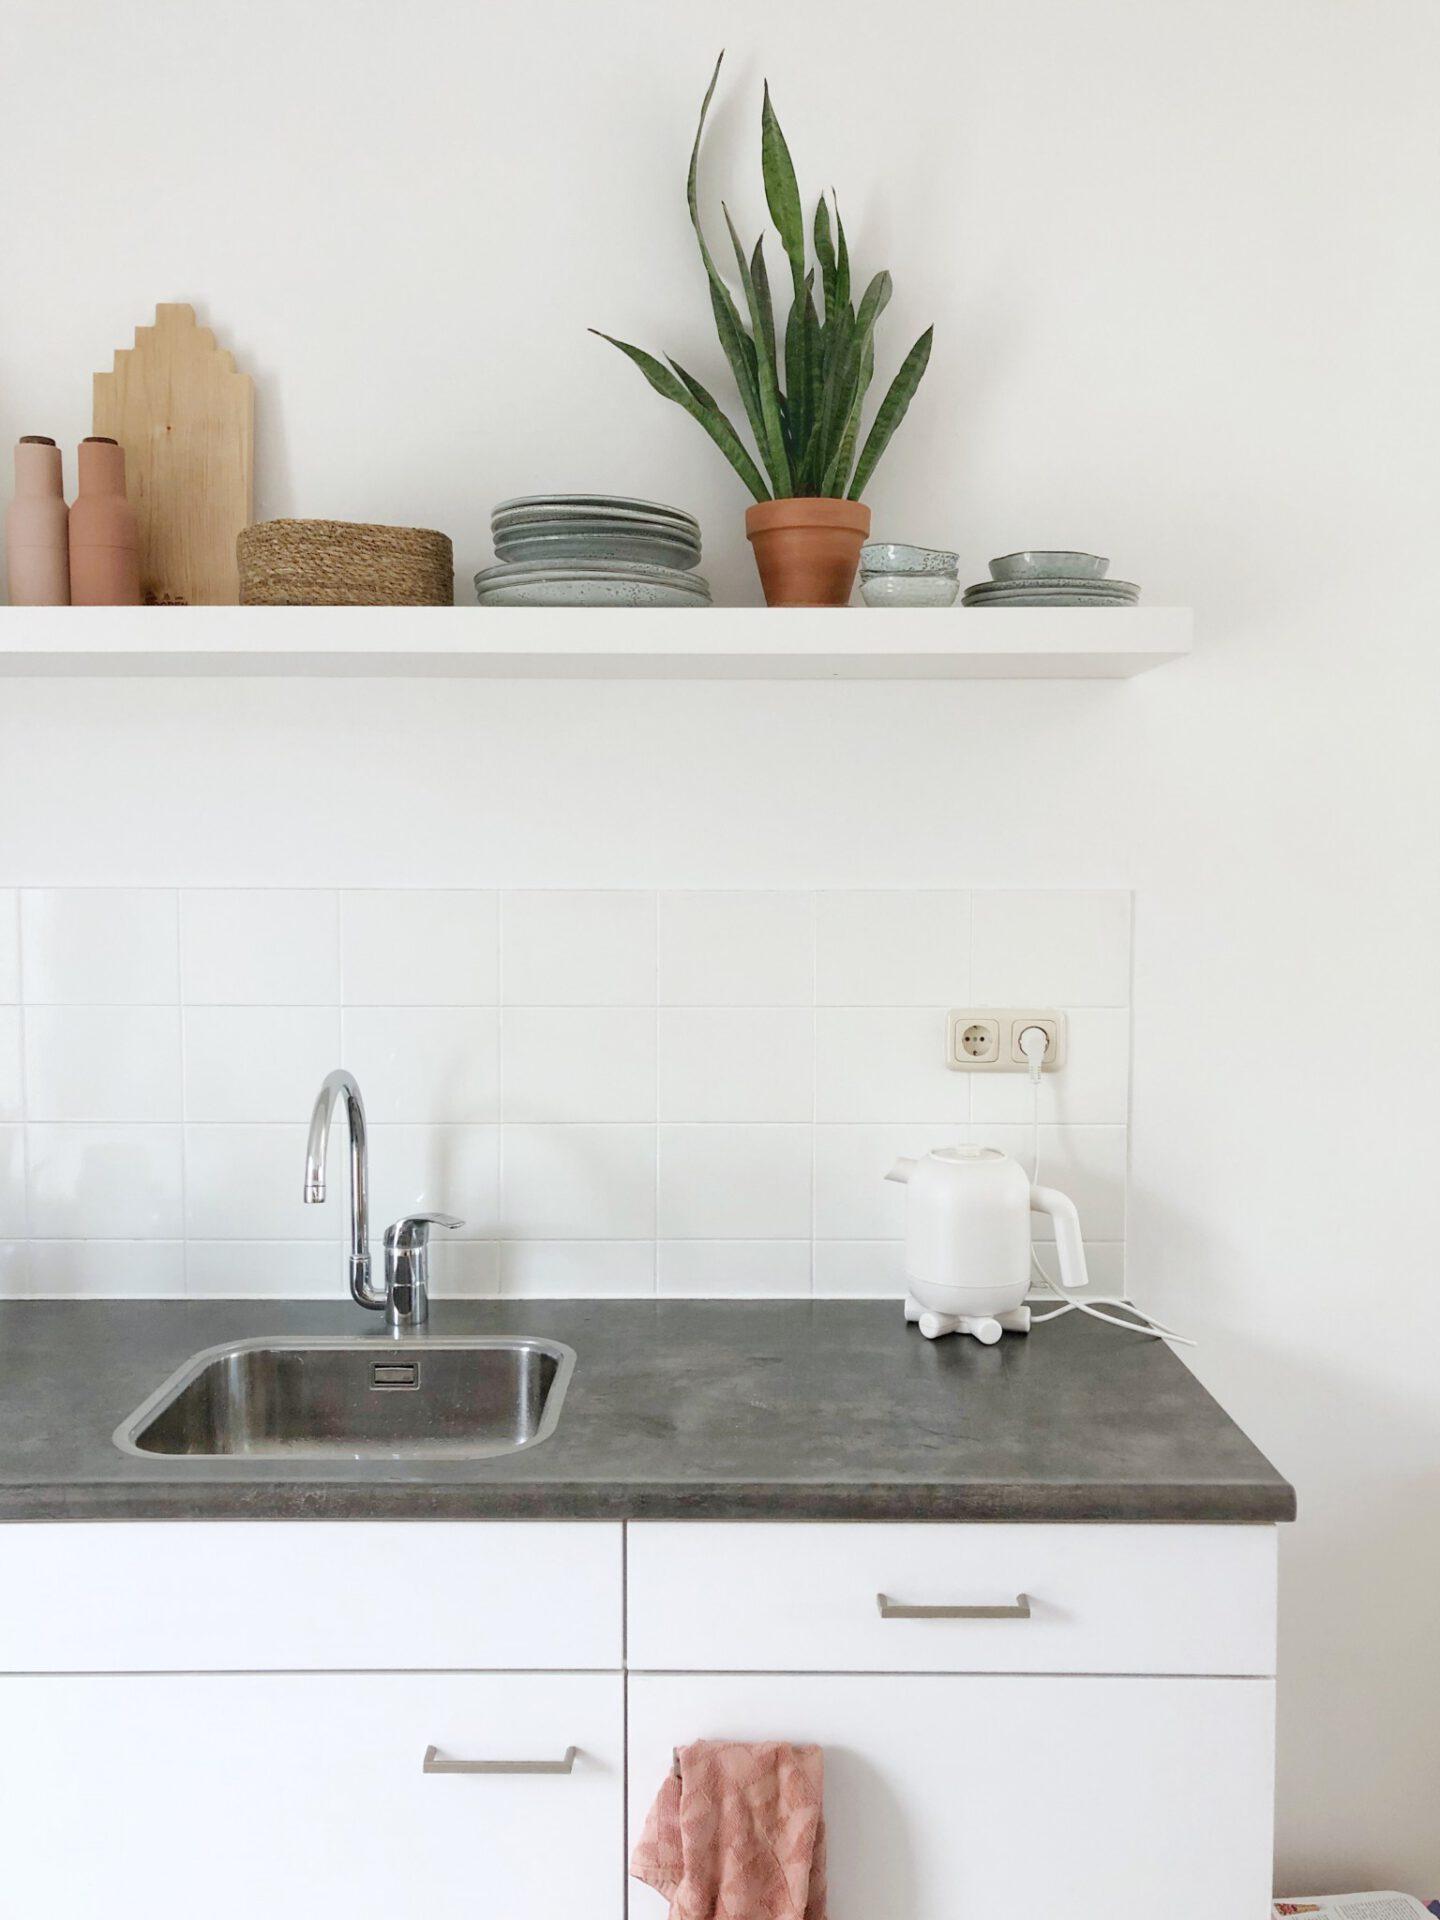 Budget Keuken Make Over In Een Huurhuis Stijlinge Diy